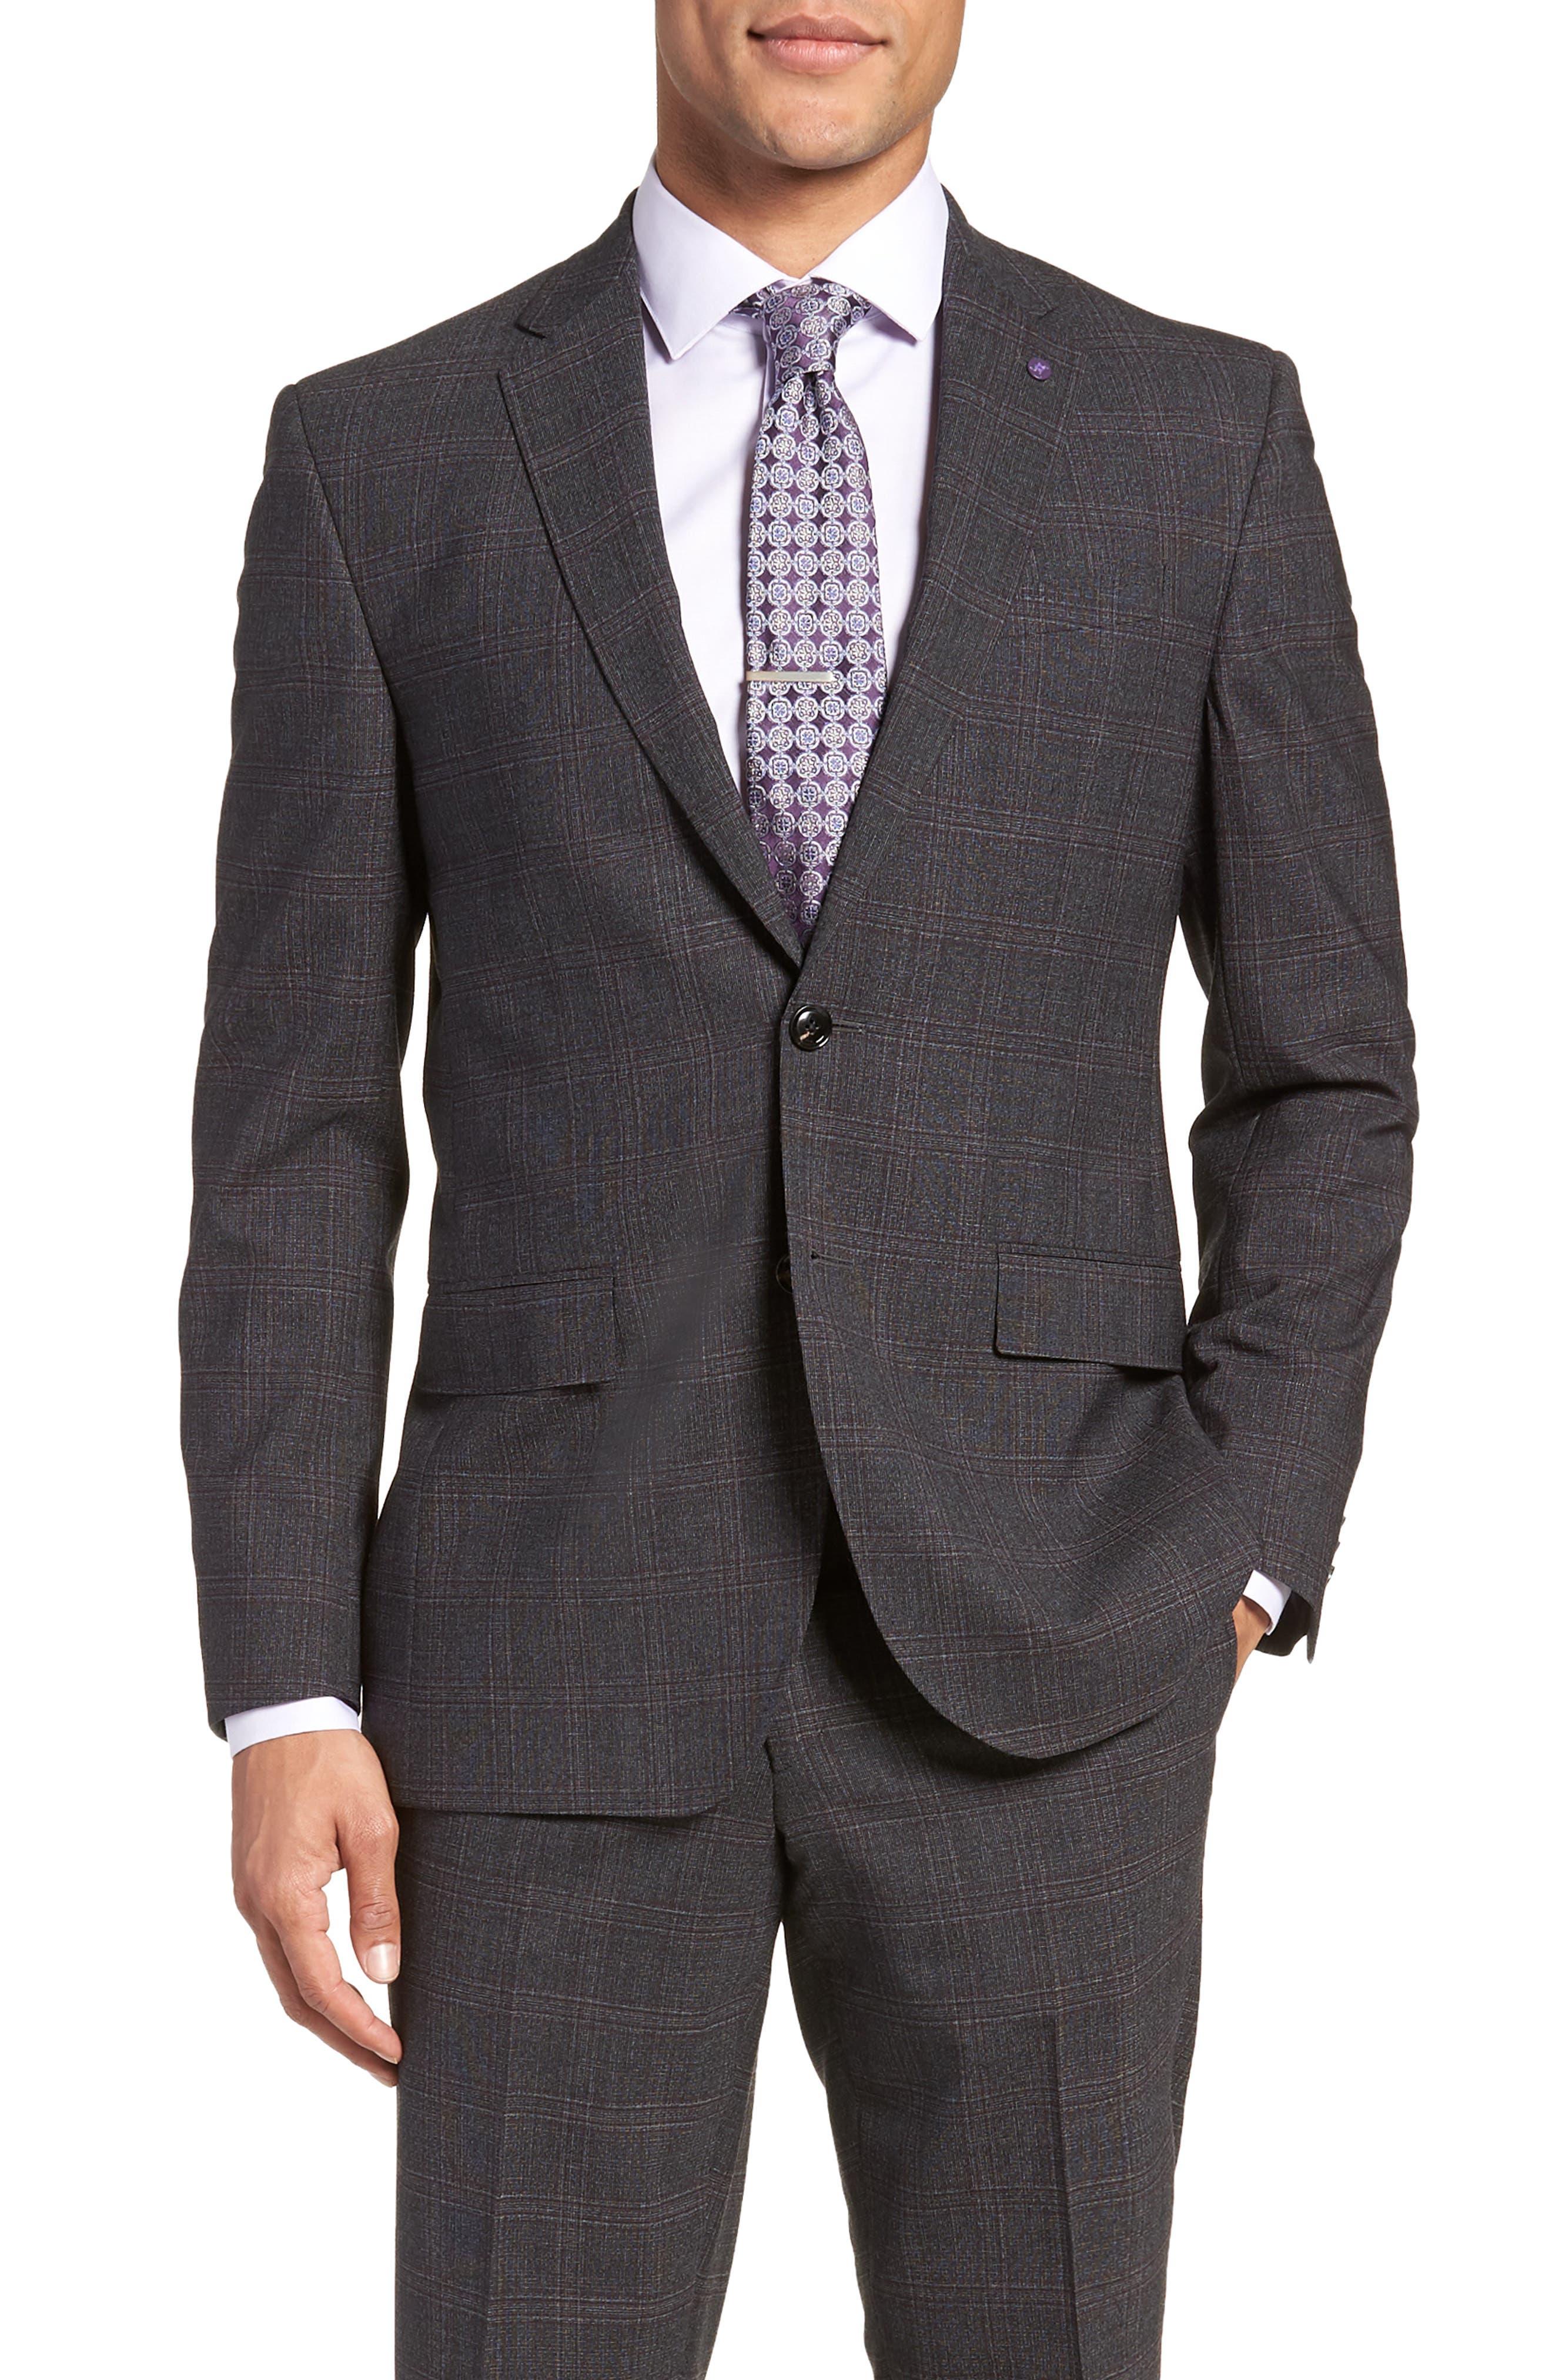 Jay Trim Fit Plaid Wool Suit,                             Alternate thumbnail 5, color,                             CHARCOAL